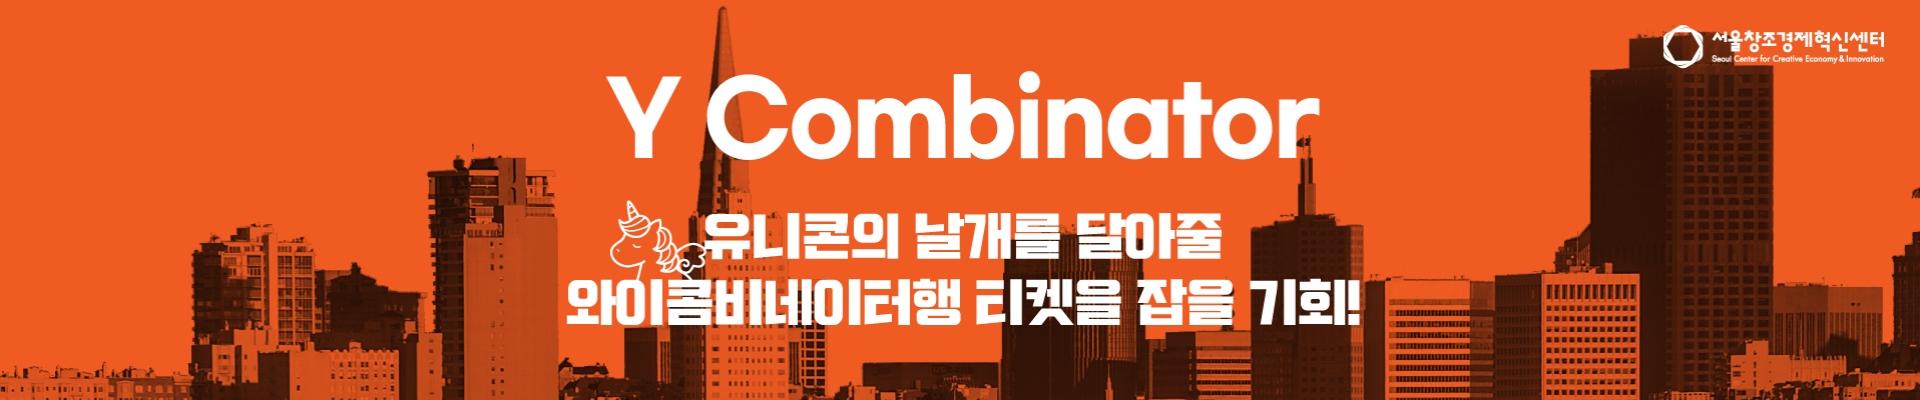 [서울창조경제혁신센터] Y Combinator 도전 스타트업 모집!